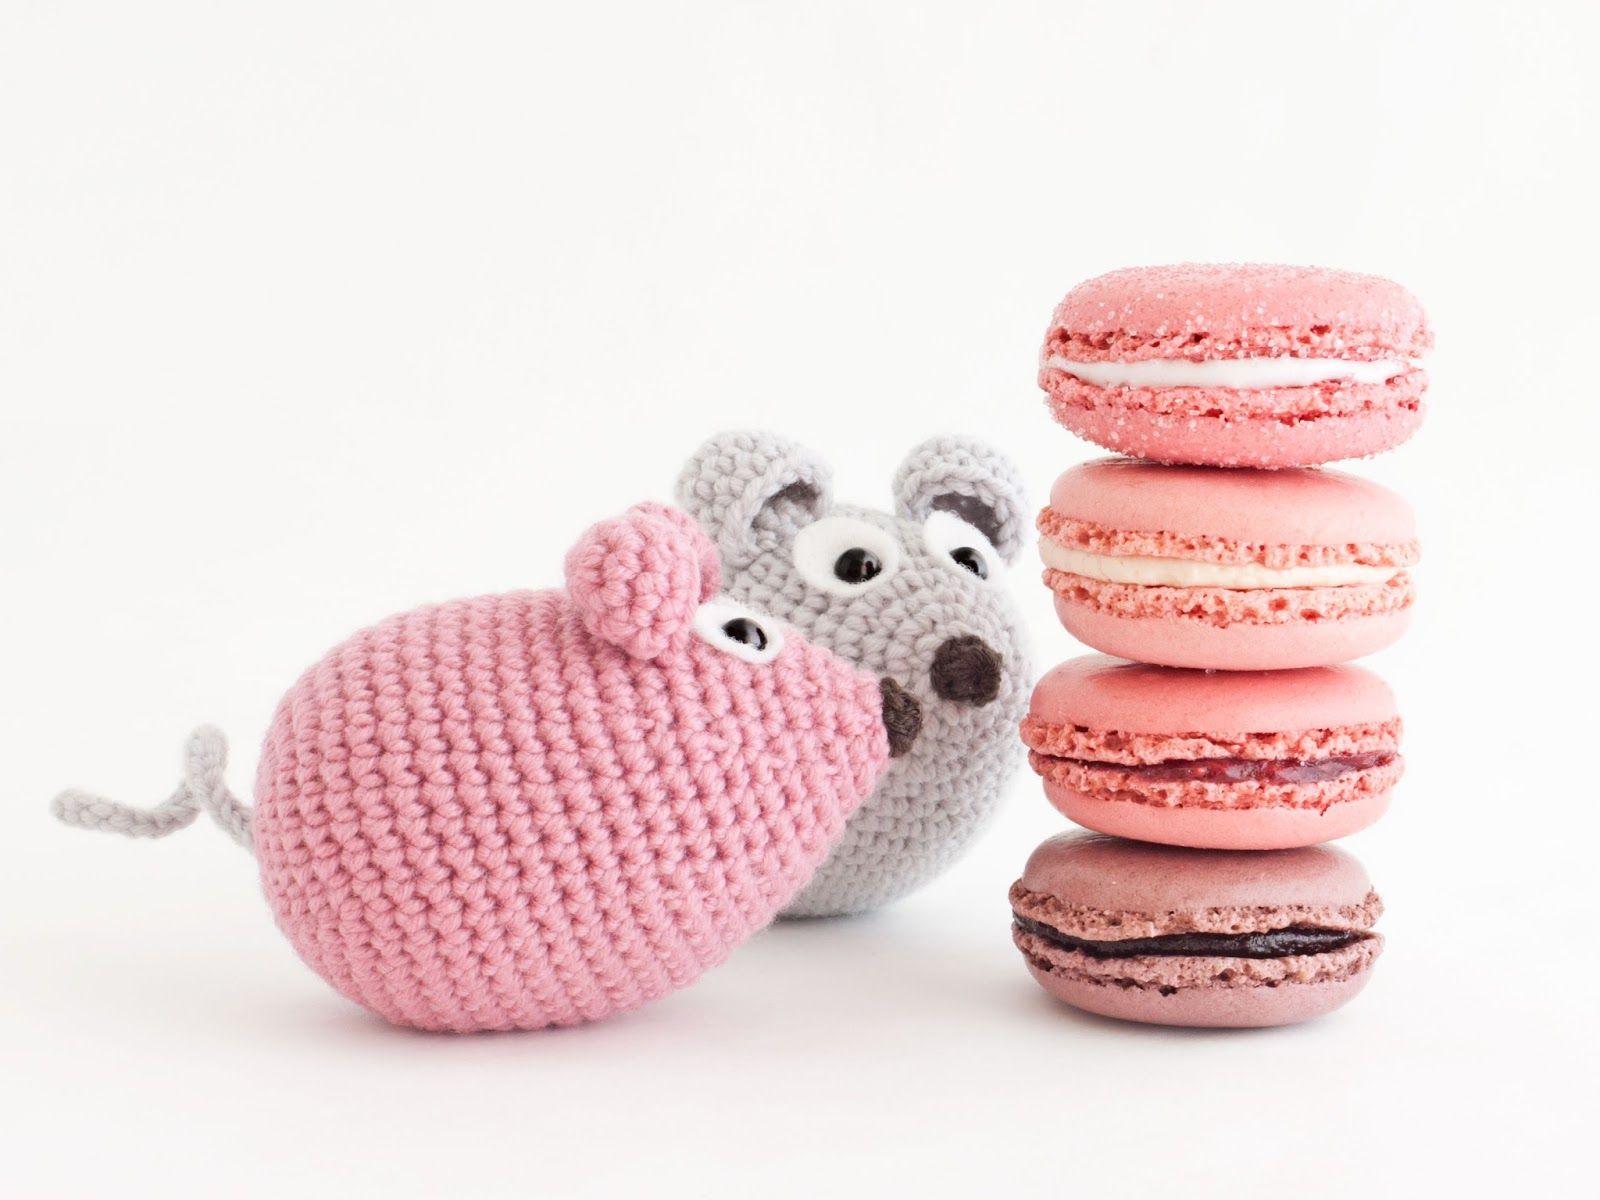 Amigurumi ratón (enlace a patrón gratis) | Amigurumi | Pinterest ...